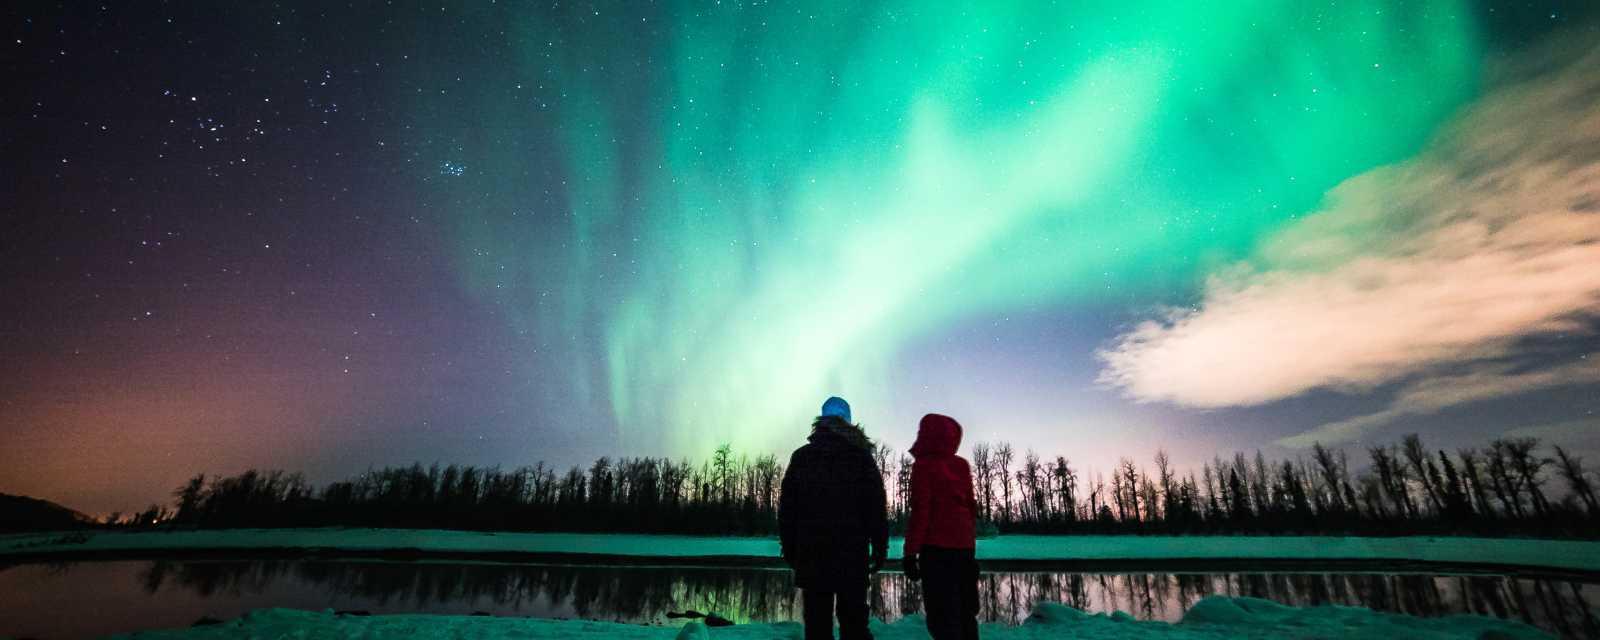 【2018聖誕節】聖誕來場極光旅遊!芬蘭、挪威、冰島...極光景點懶人包,圖片取自www.anchorage.net。